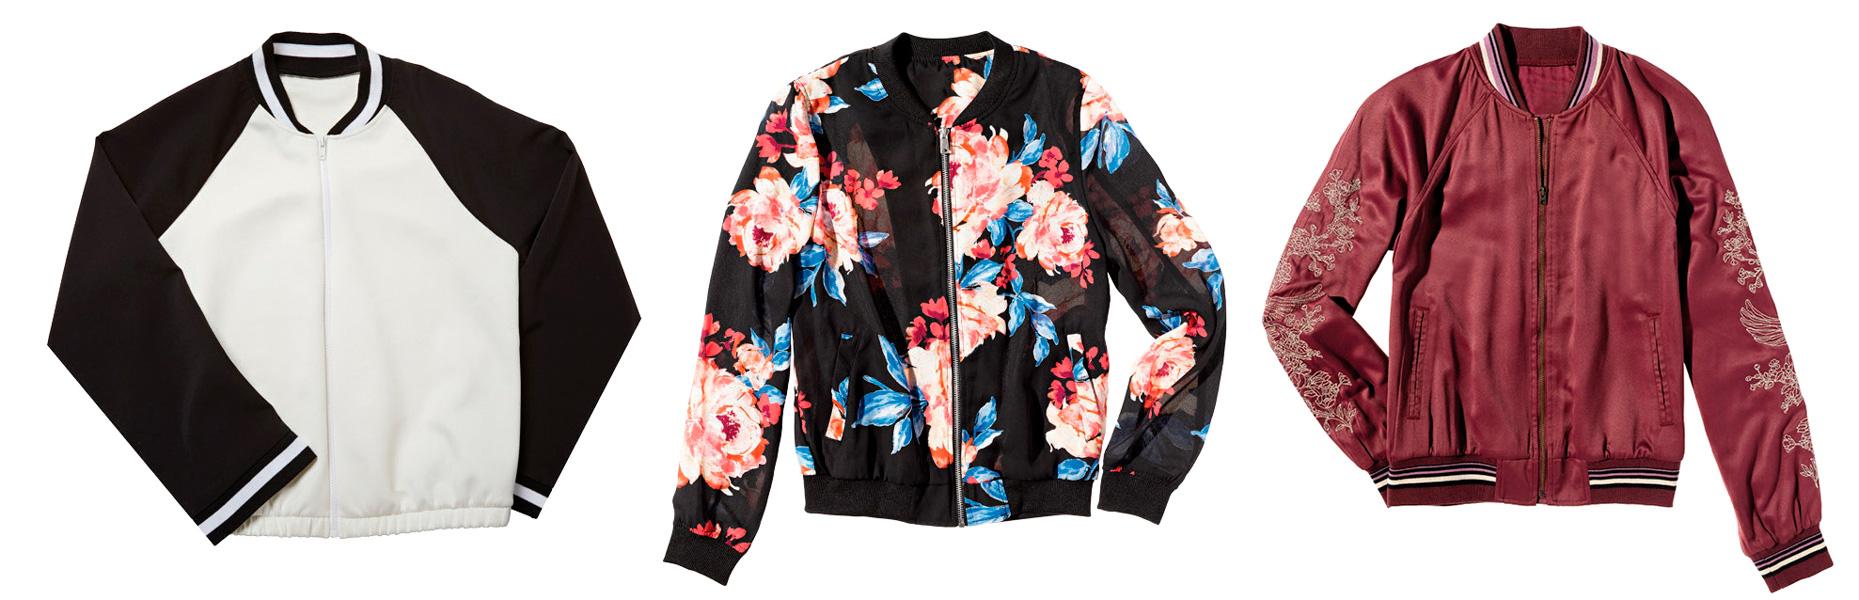 fixed-jackets-37.jpg